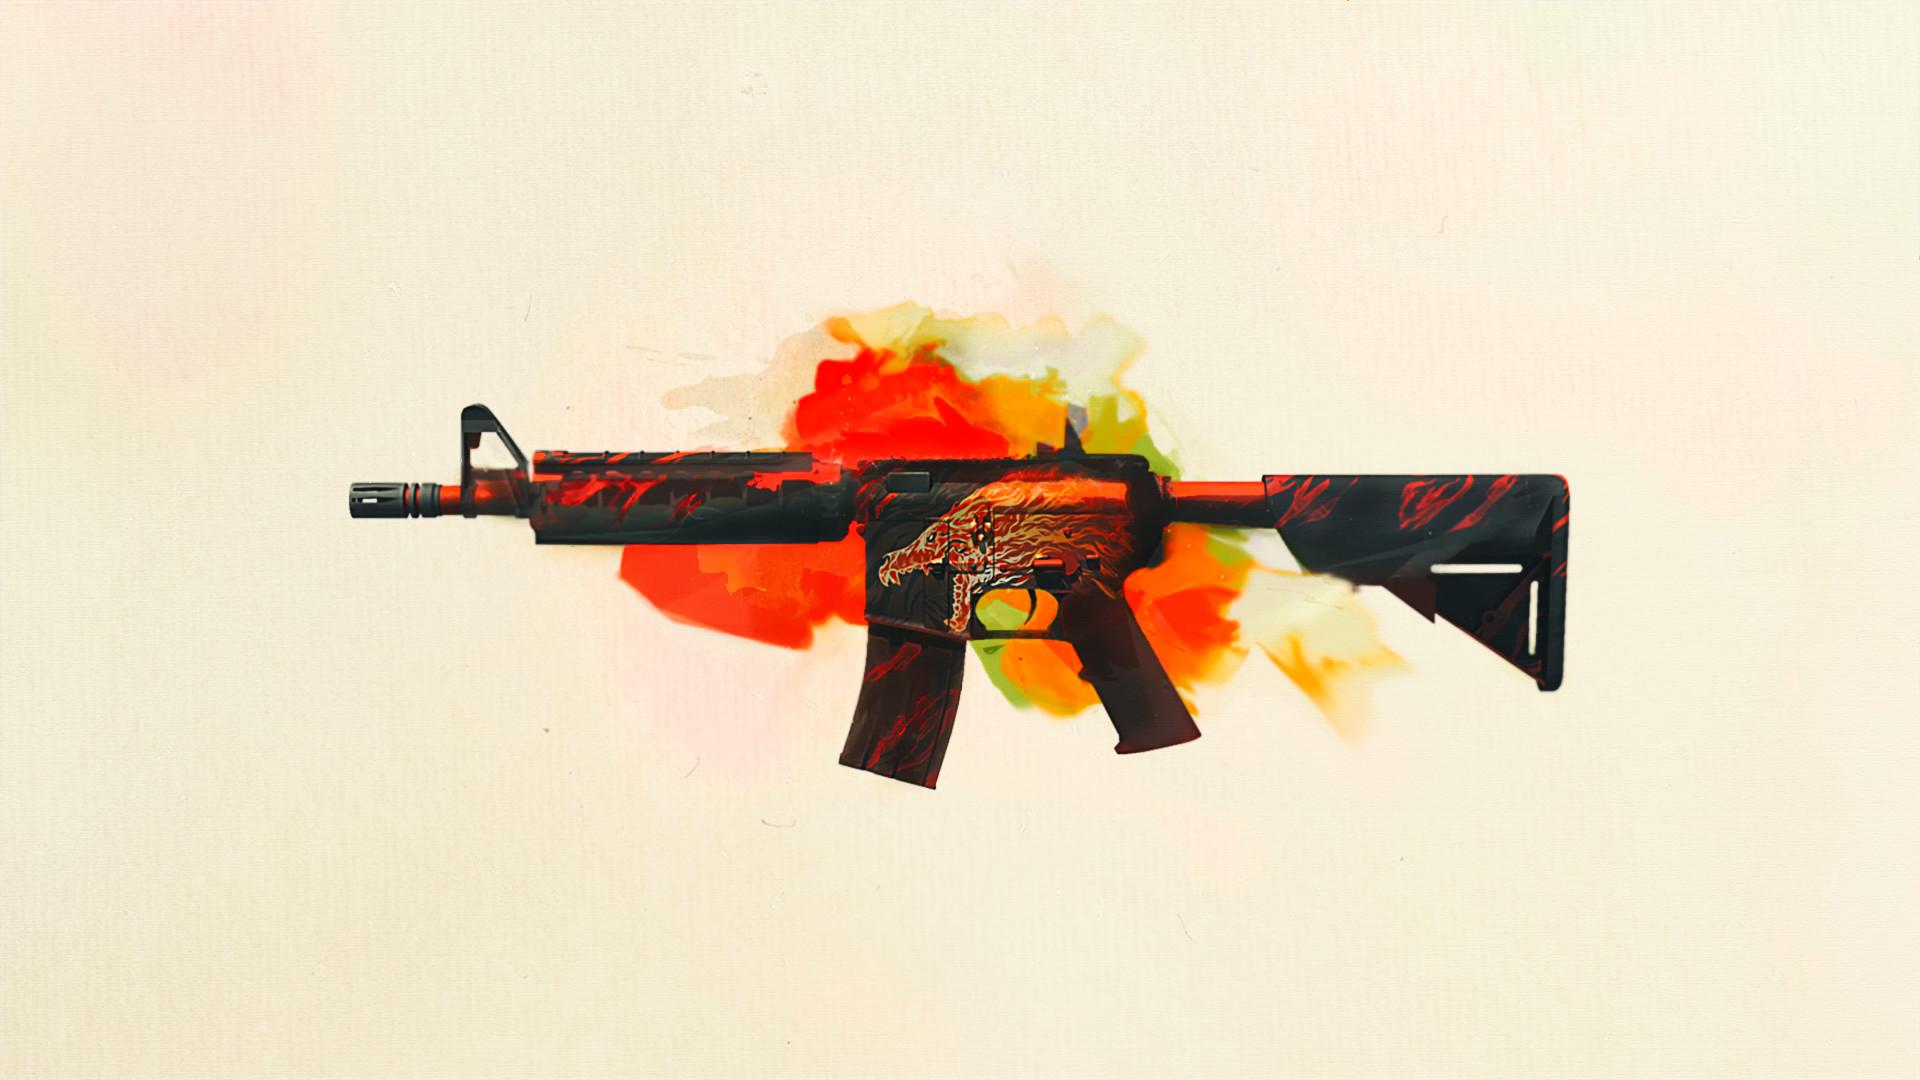 Dragon King M4A4 · Howl v1 M4A4 …